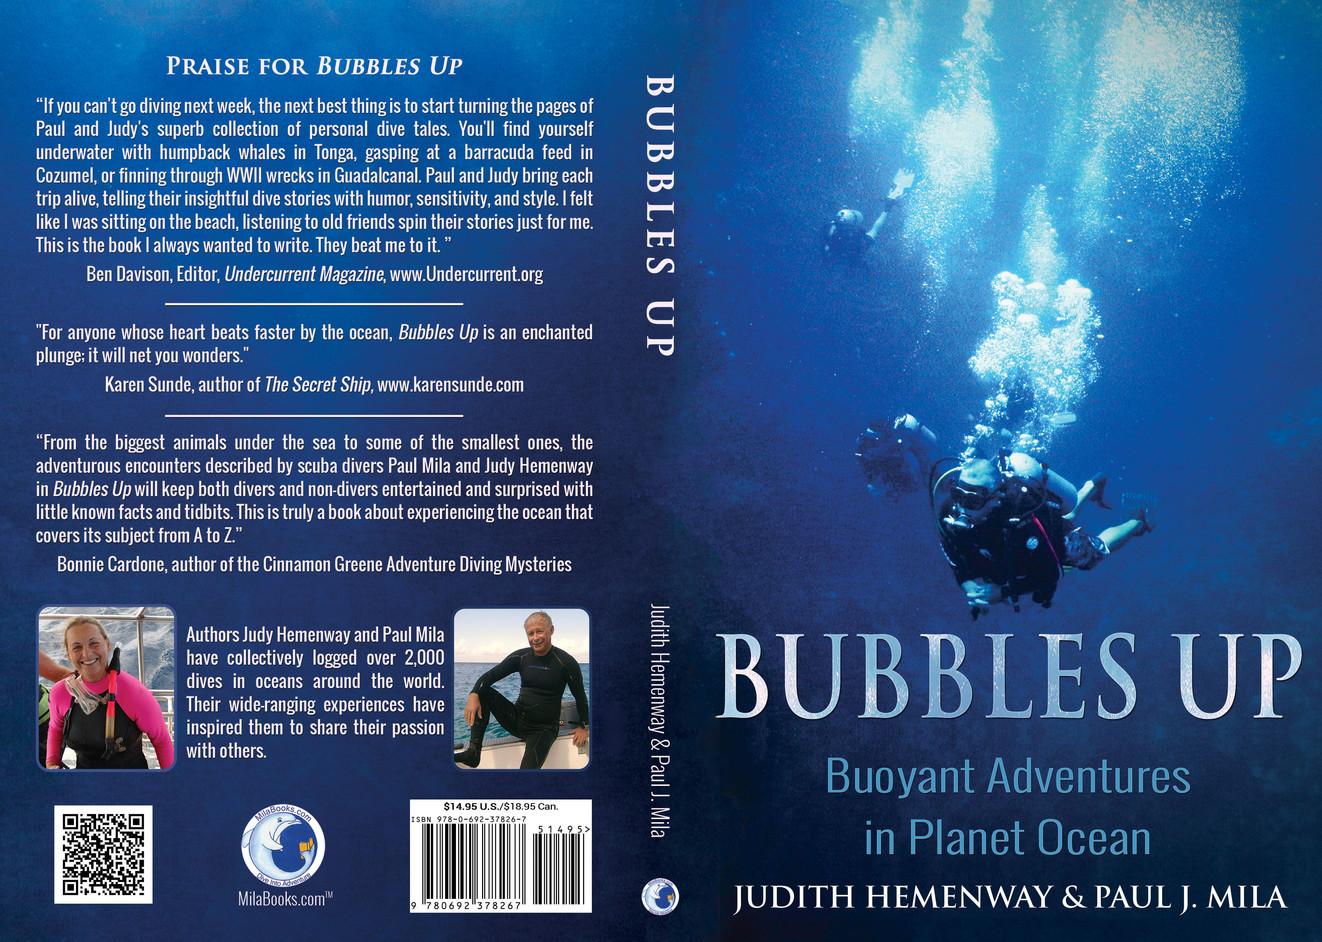 Bubbles Up